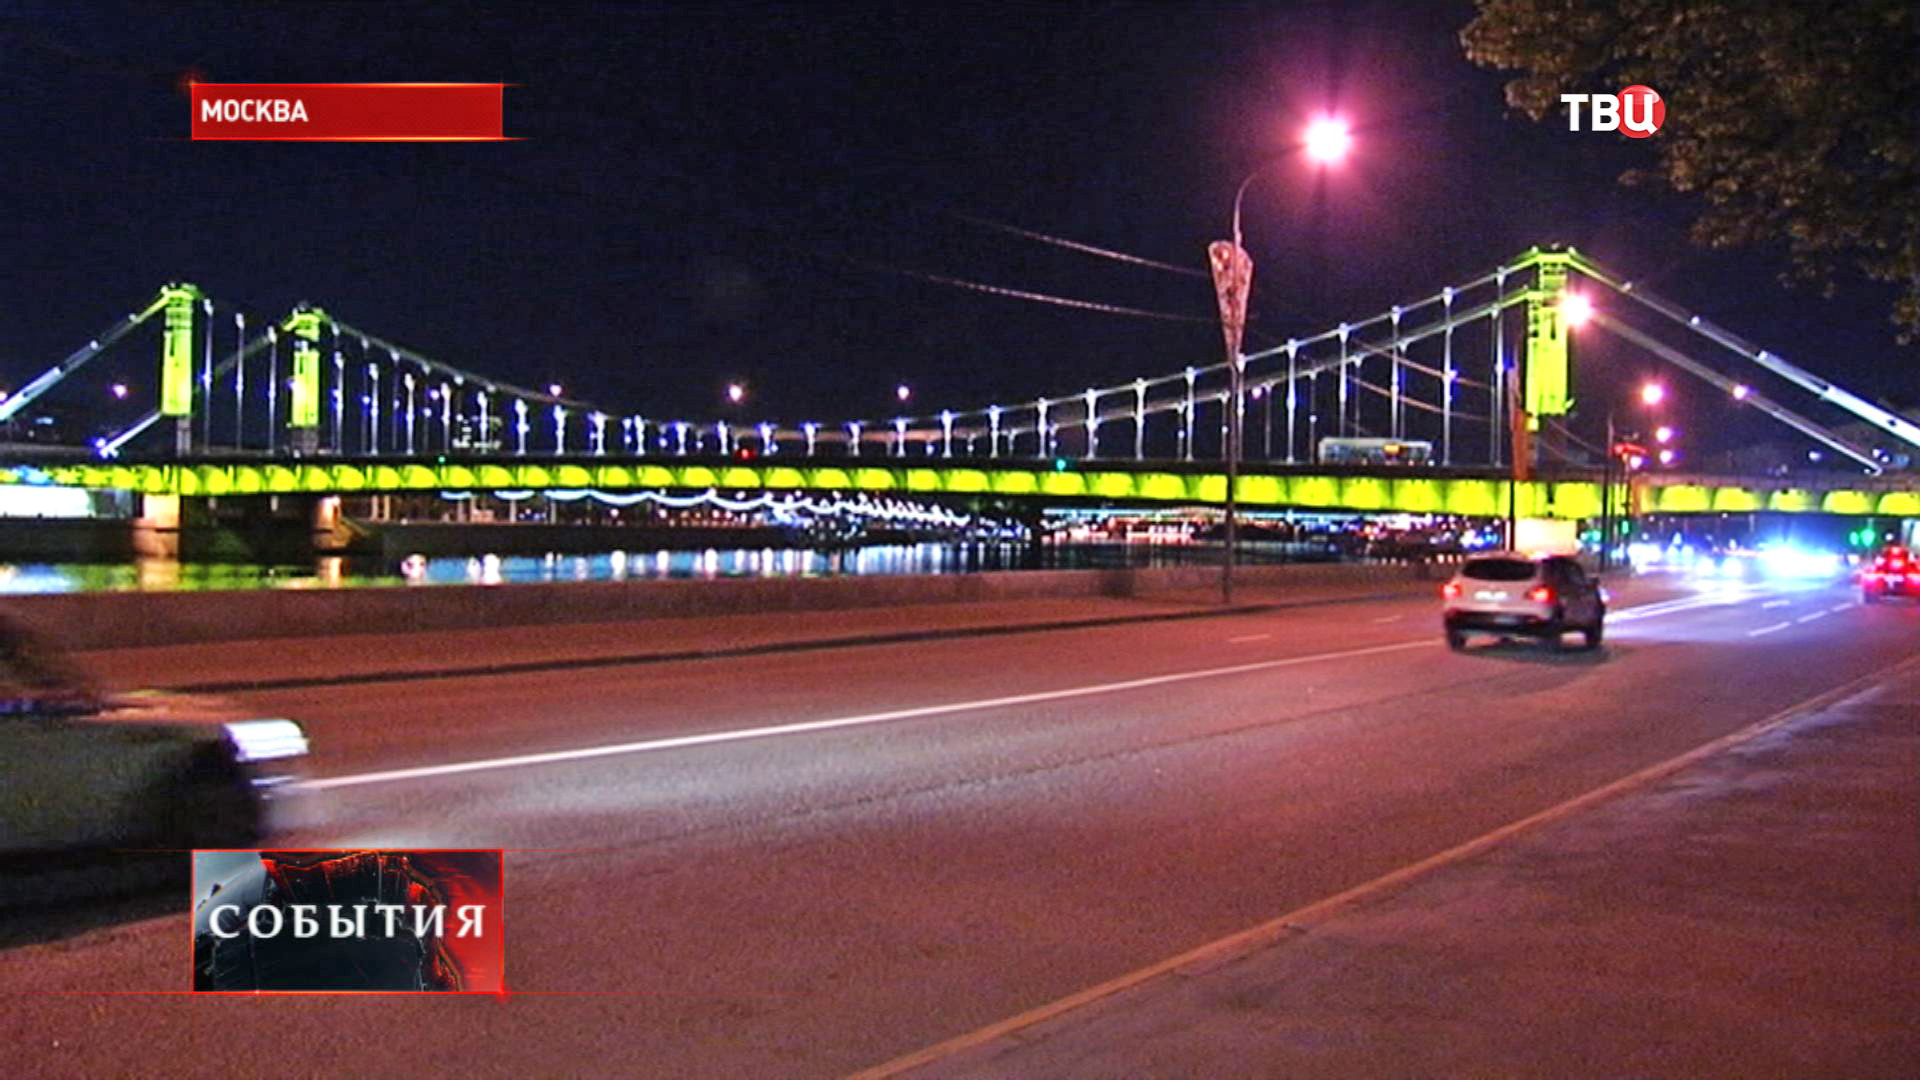 Архитектурно-художественная подсветка моста